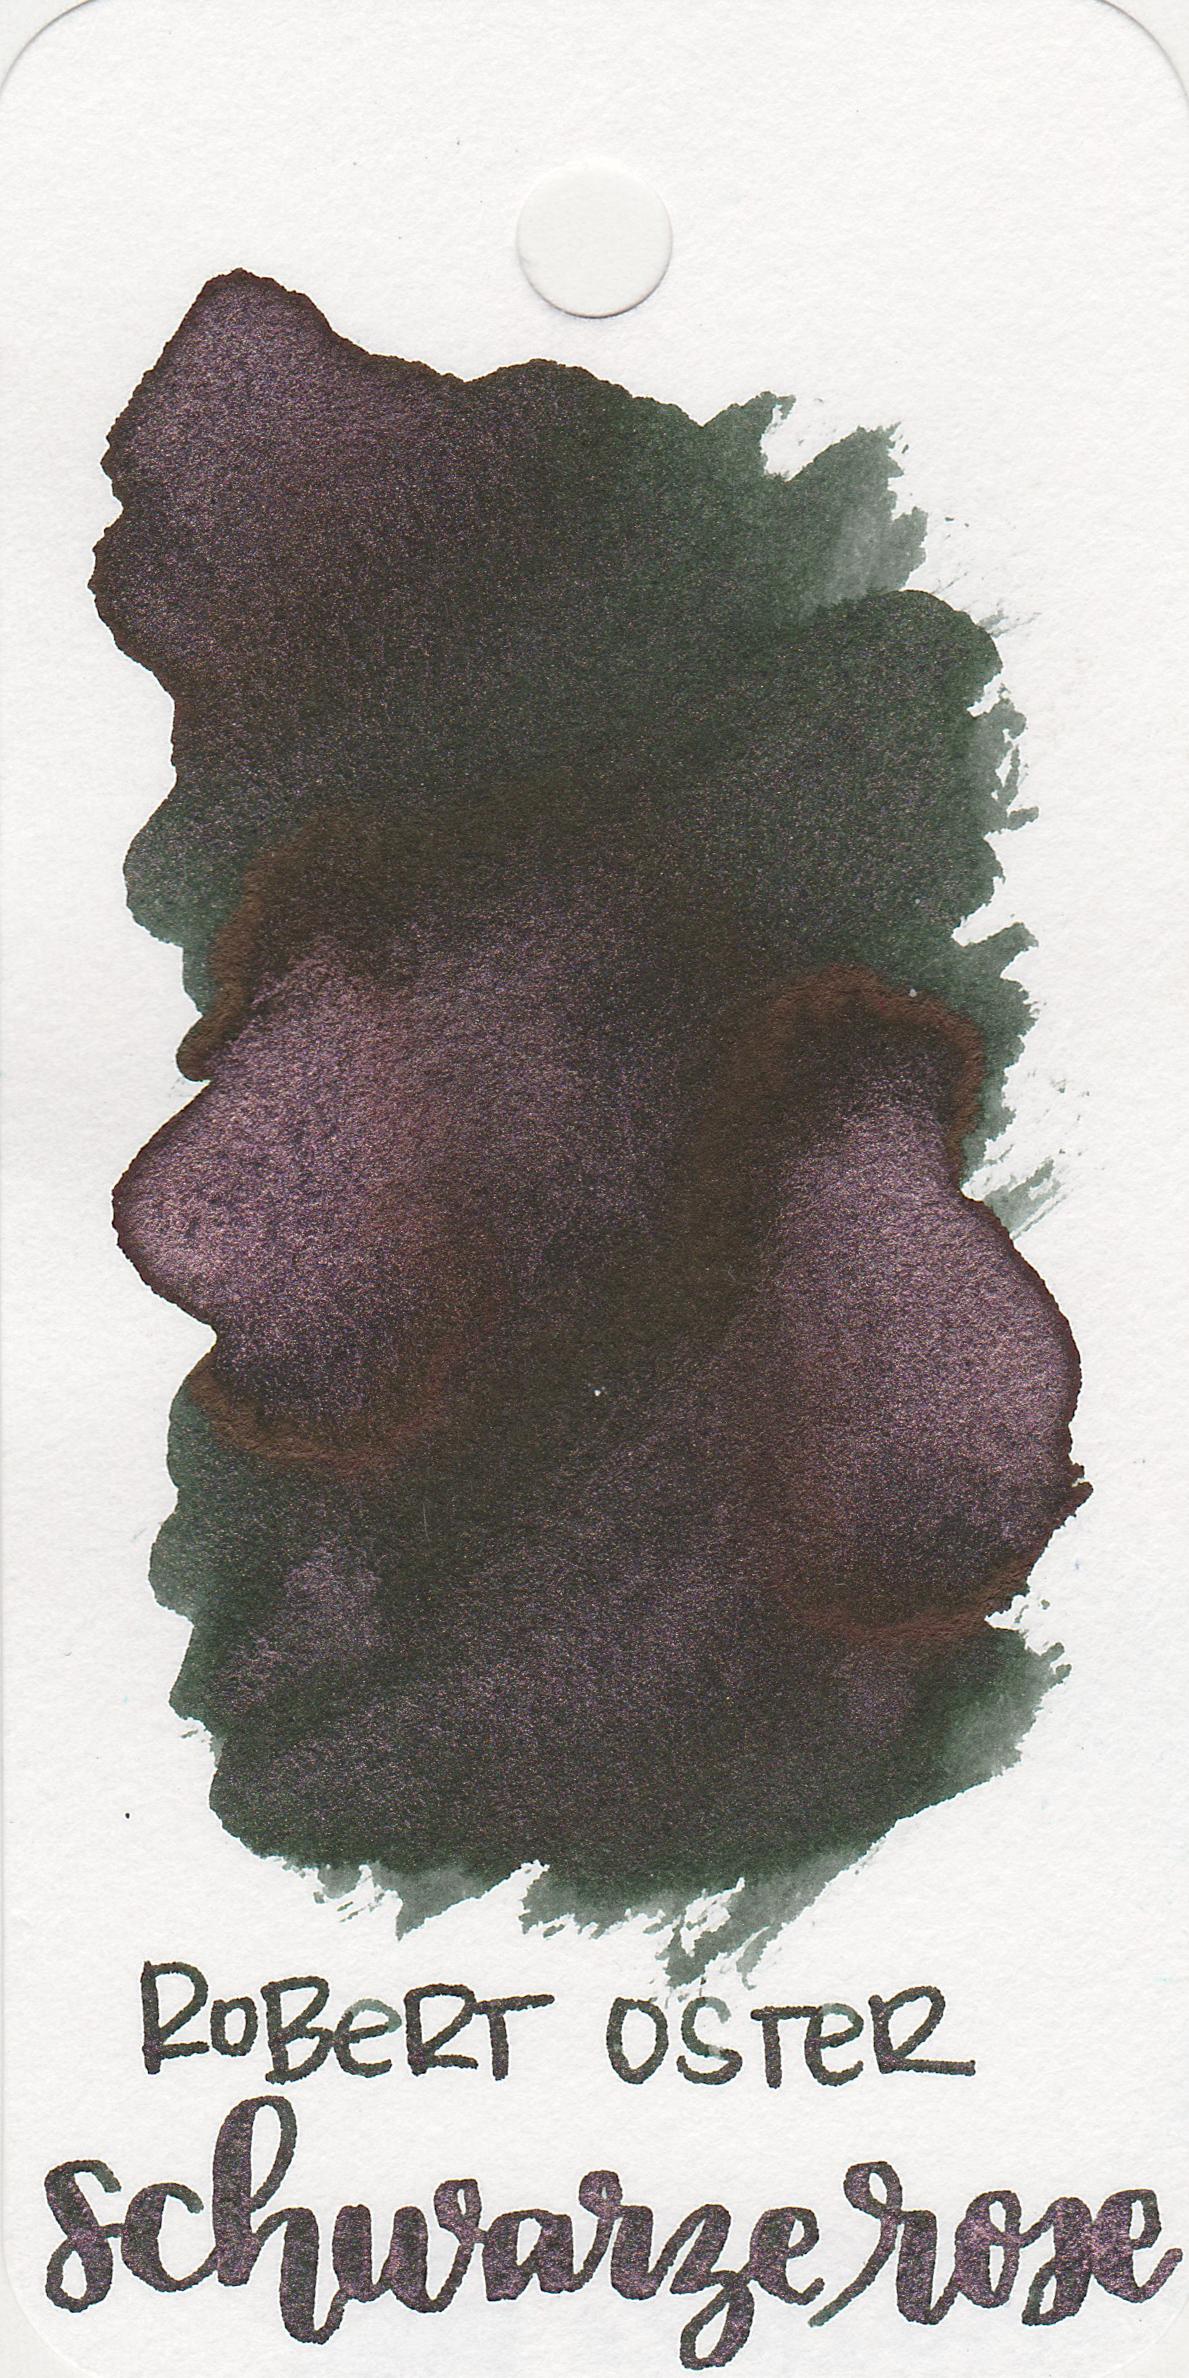 ro-schwarze-rose-1.jpg